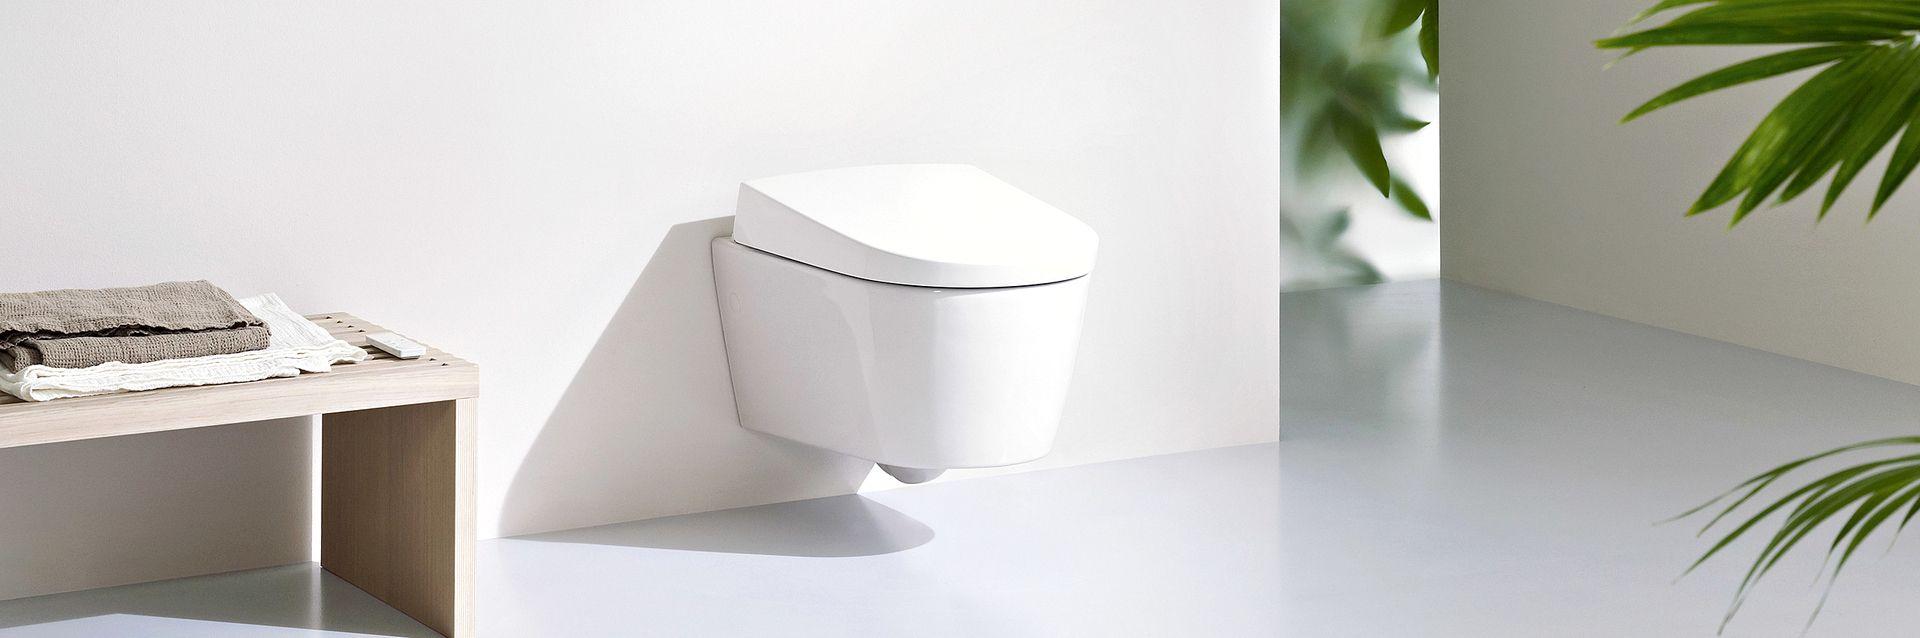 geberit aquaclean sela douchewc baden. Black Bedroom Furniture Sets. Home Design Ideas